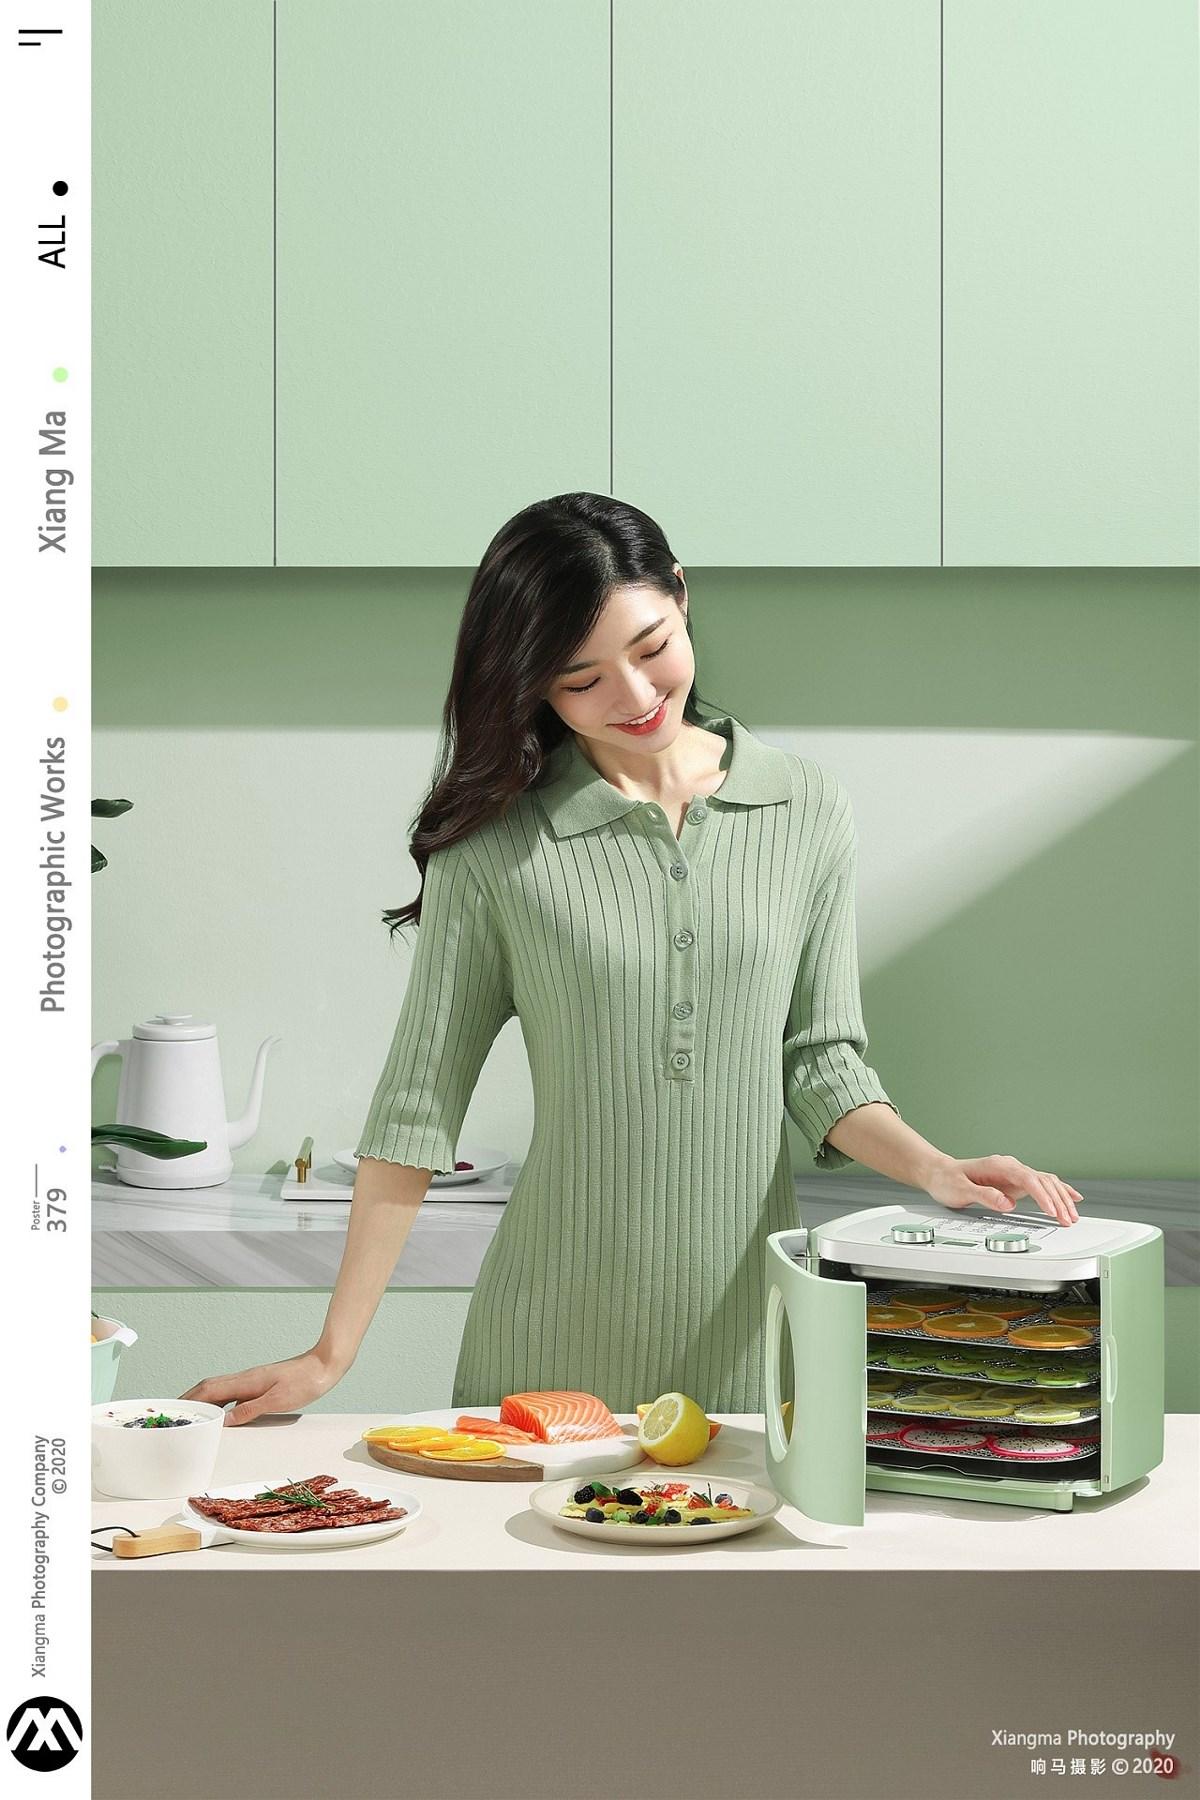 产品拍摄:七彩叮当烘干机